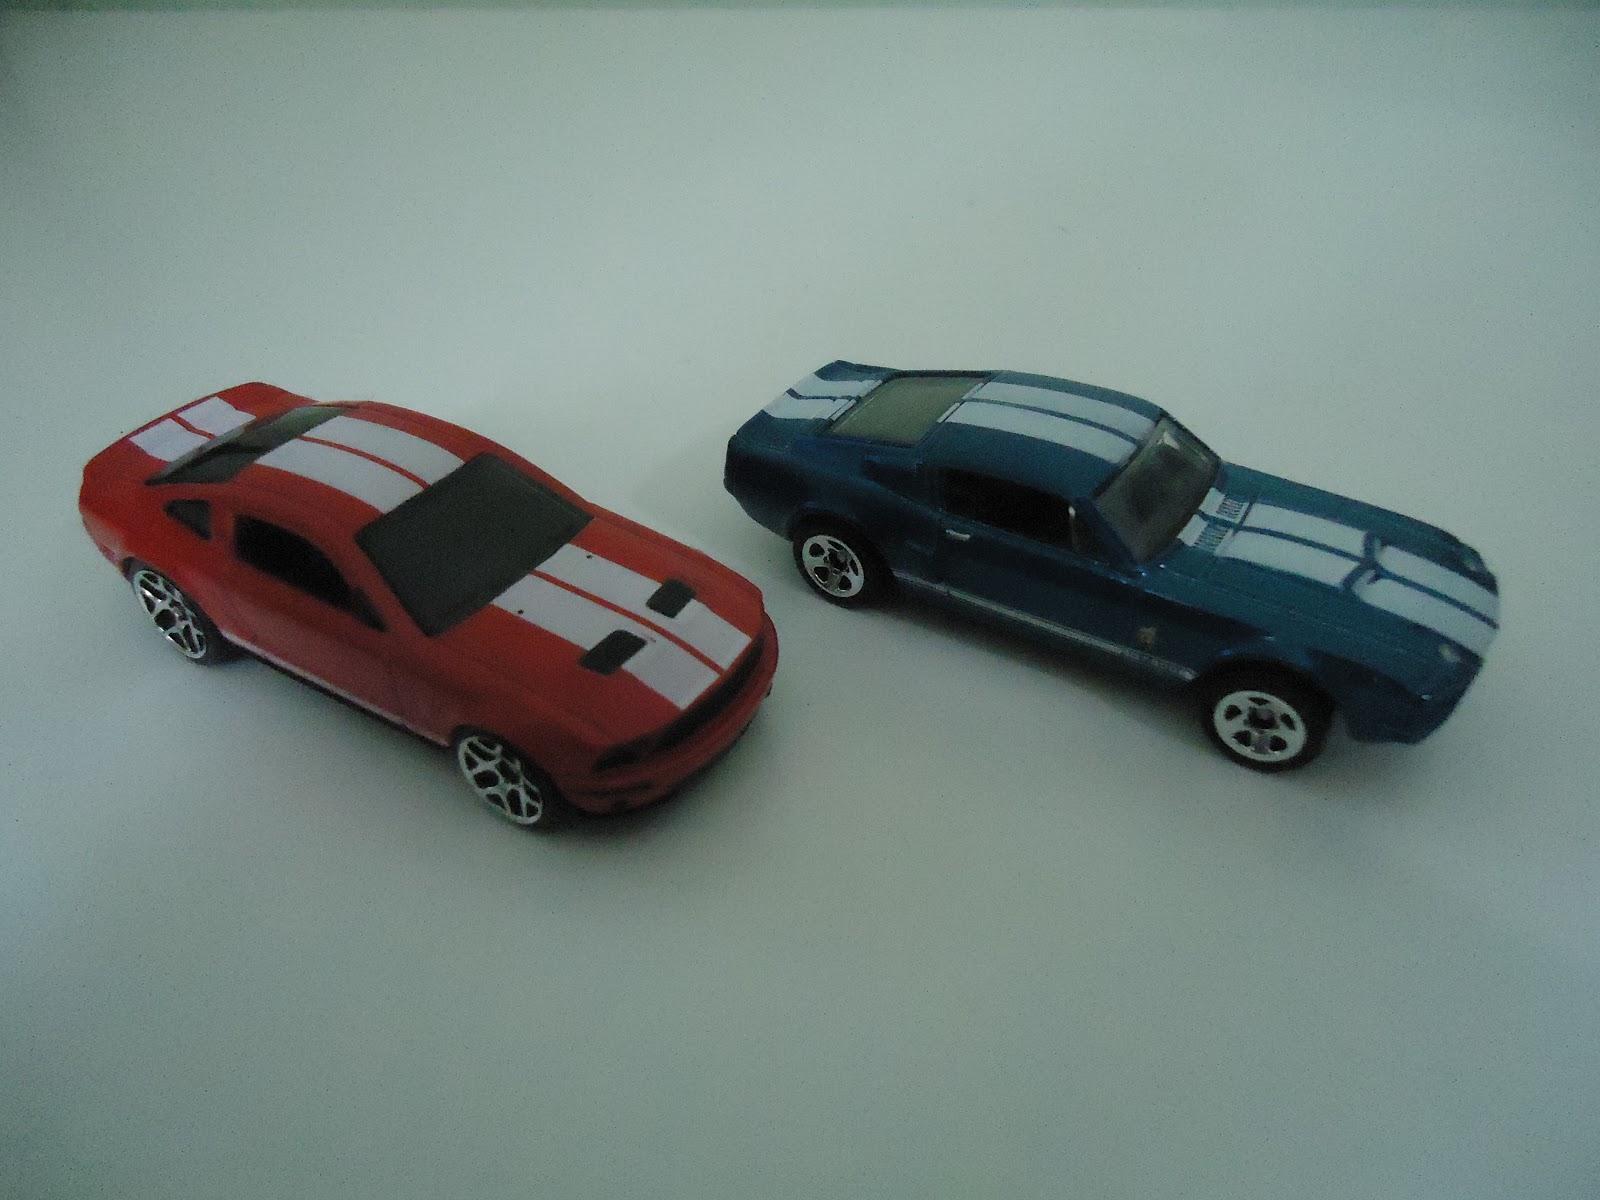 Filme Do Hot Wheels inside onari blog: minhas coleÇÕes: miniaturas de carros 1:64